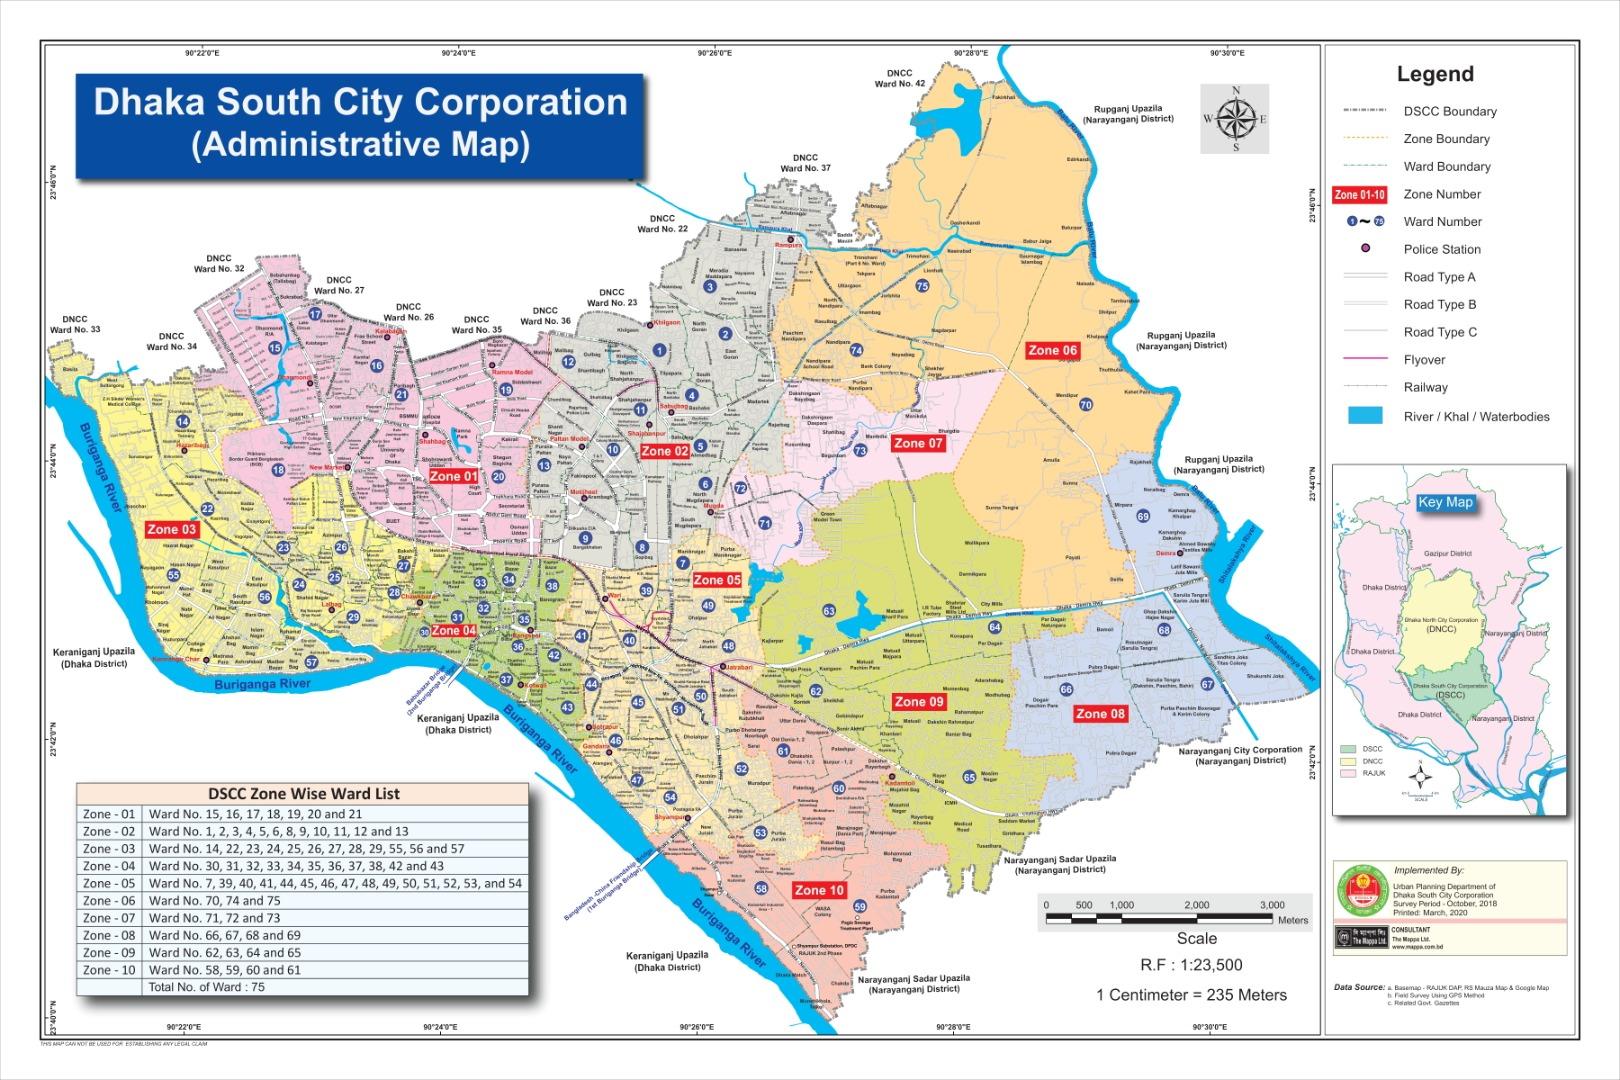 DSCC map